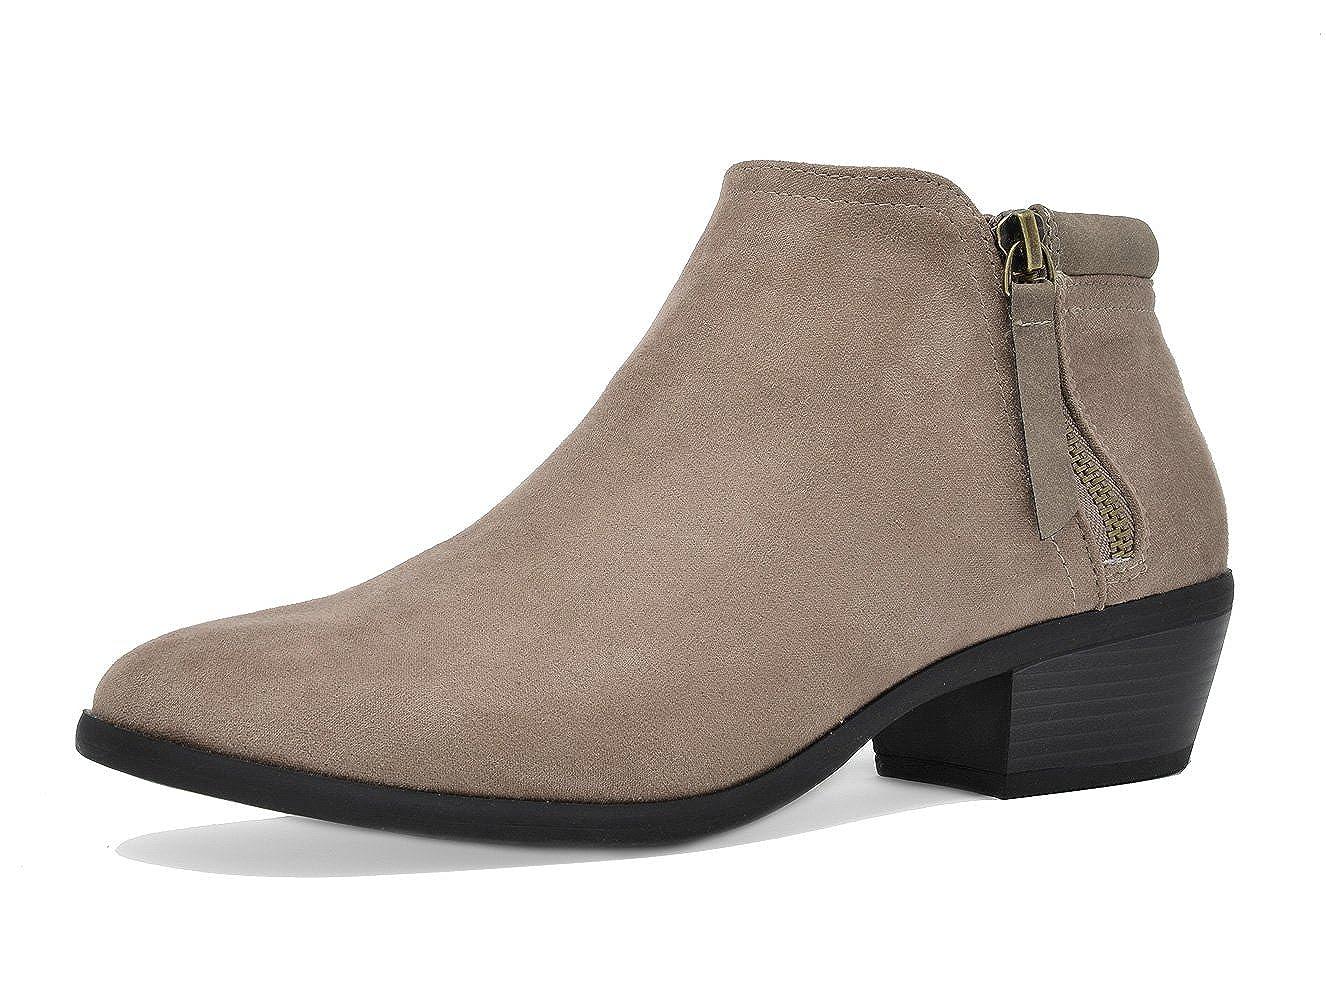 02-TAUPE TOETOS Women's Cowboy Block Heel Side Zipper Ankle Booties